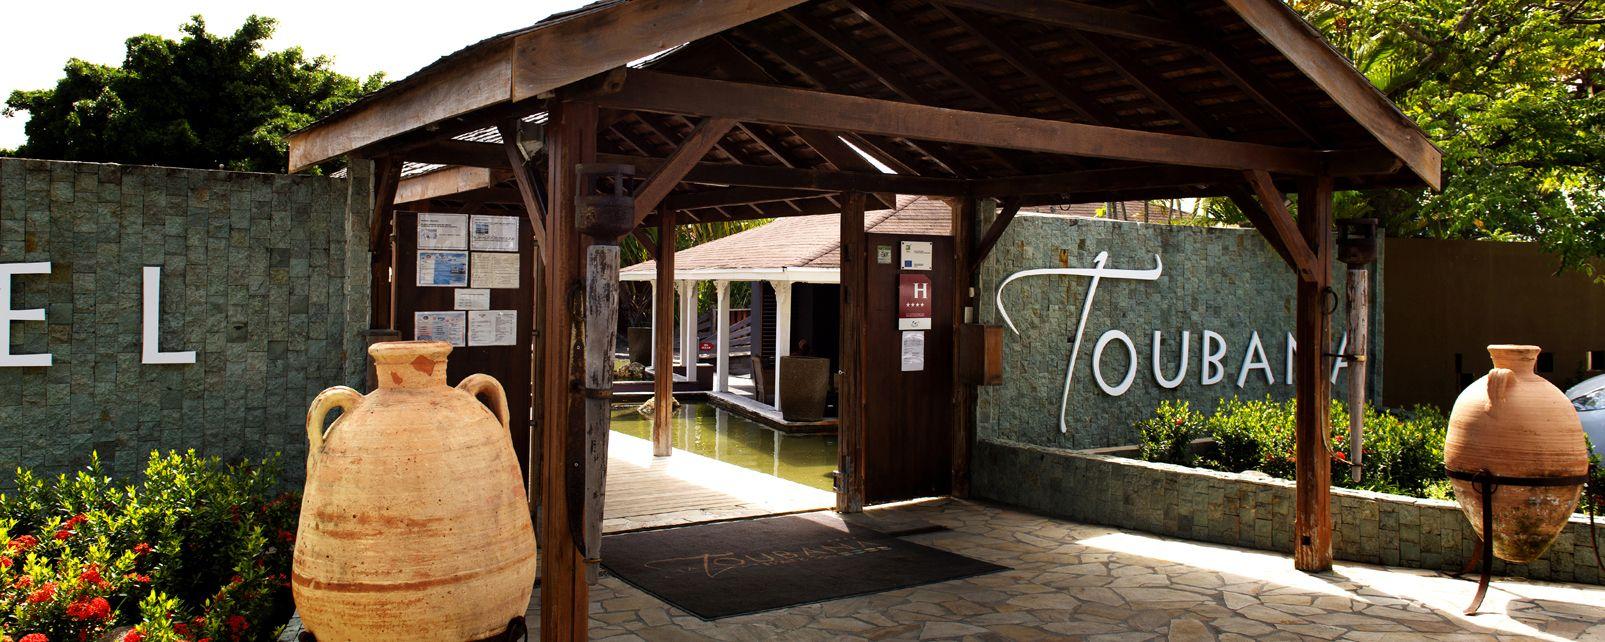 Hotel La Toubana